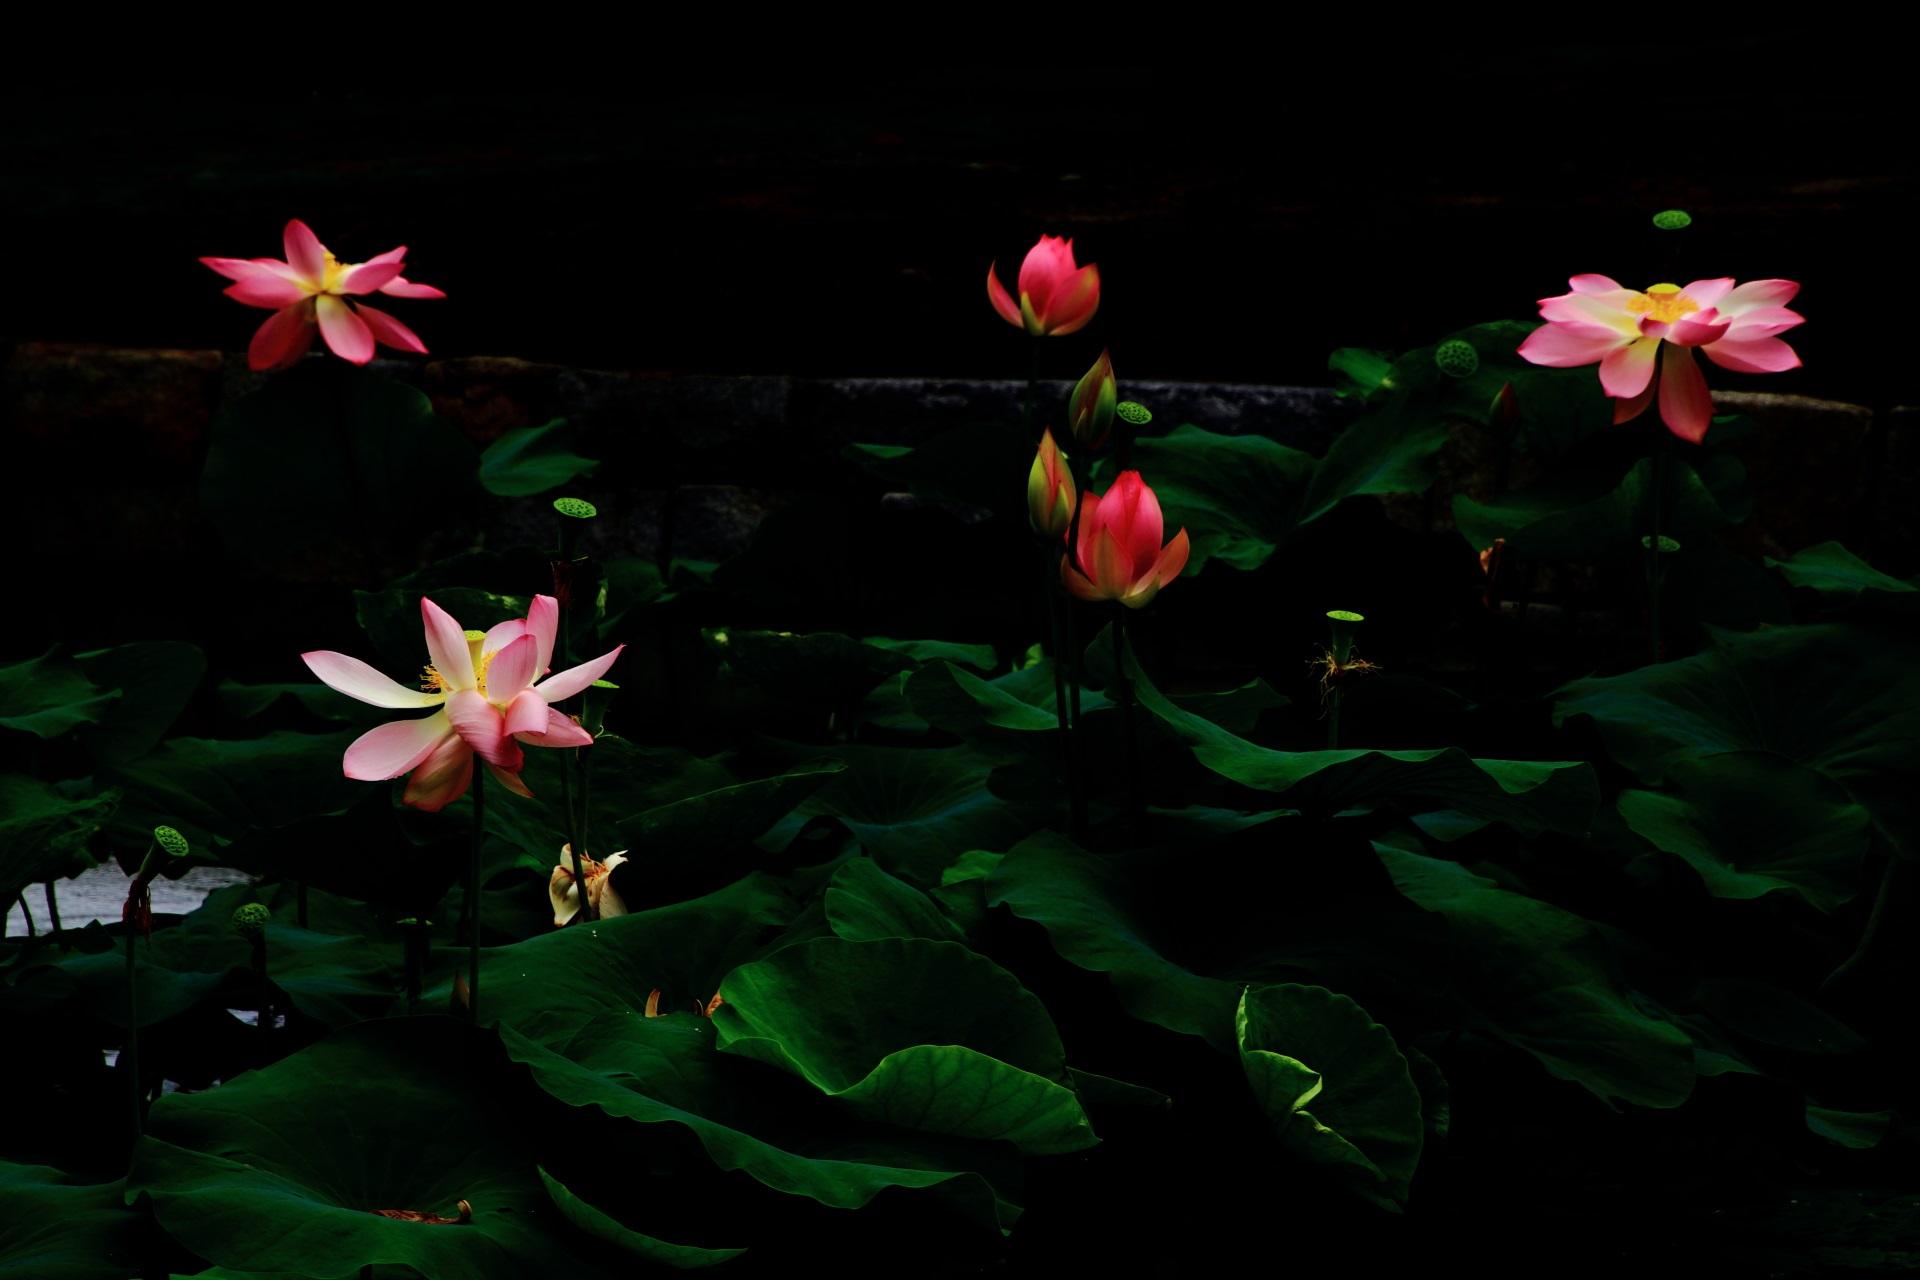 コントラスト強めの暗闇の中で光る蓮の花